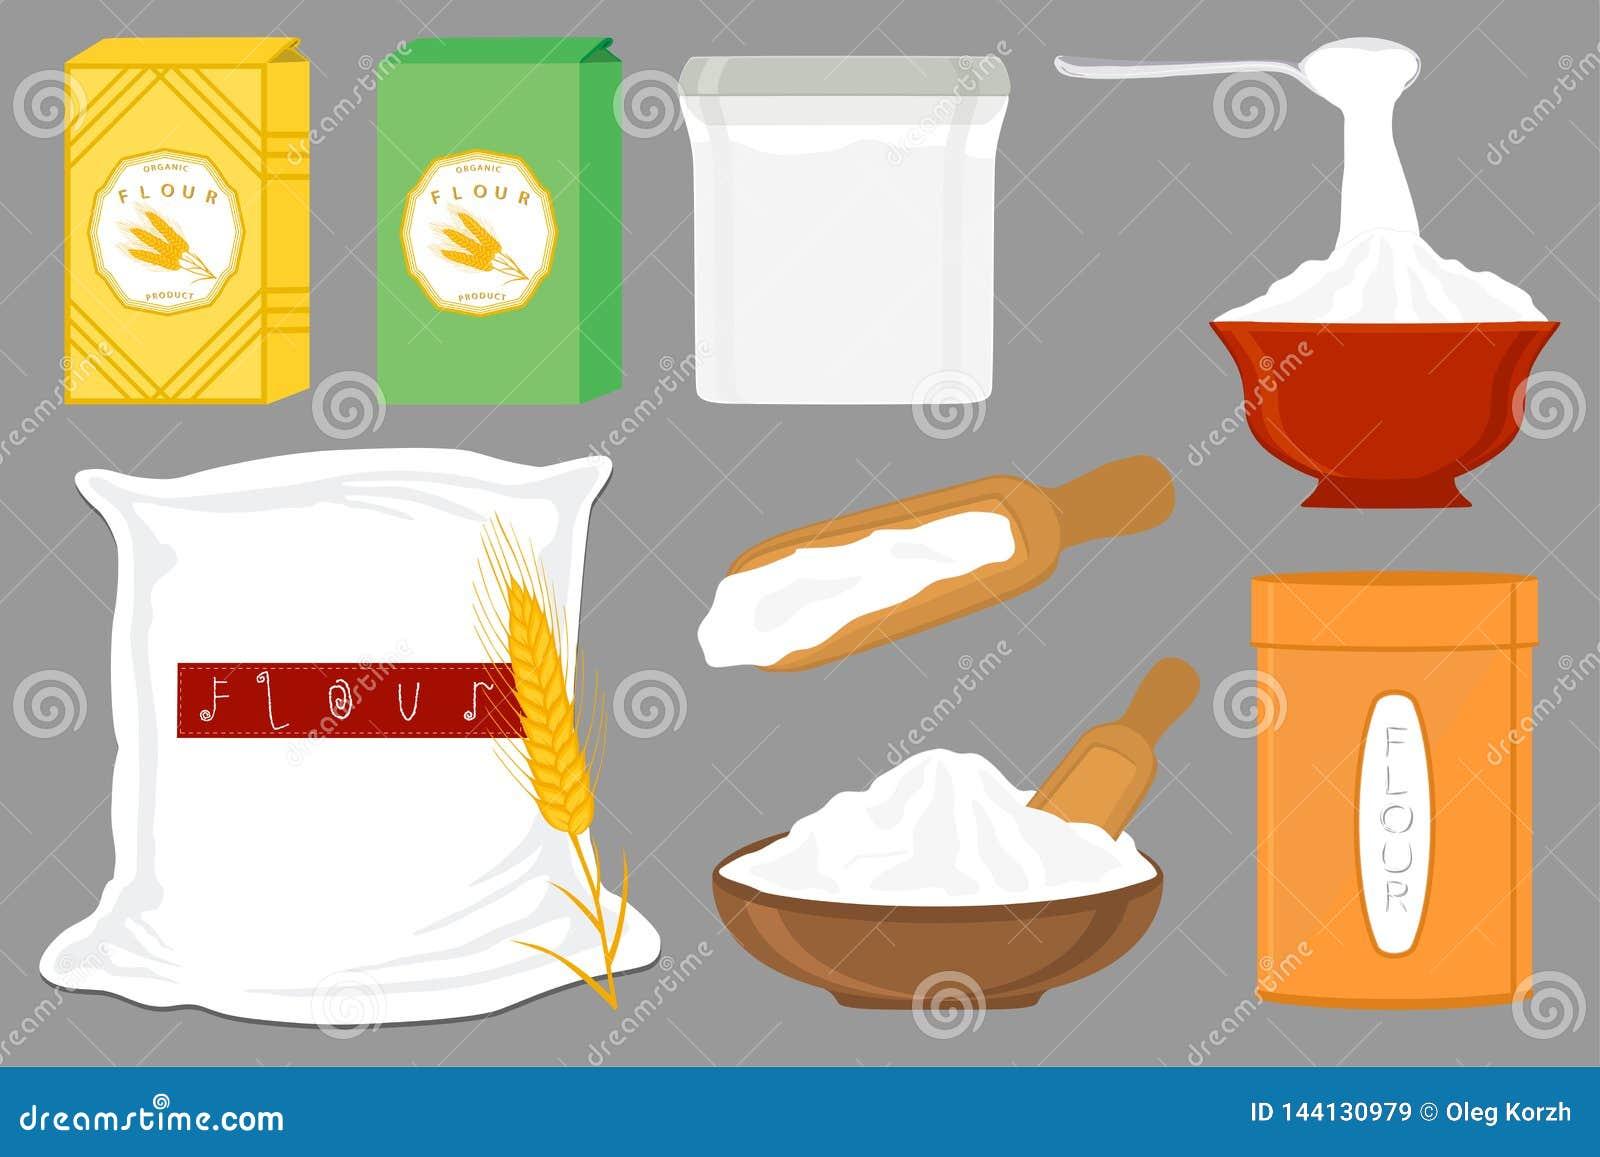 Иллюстрация на посуде разных видов темы большой установленной заполнила пшеничную муку